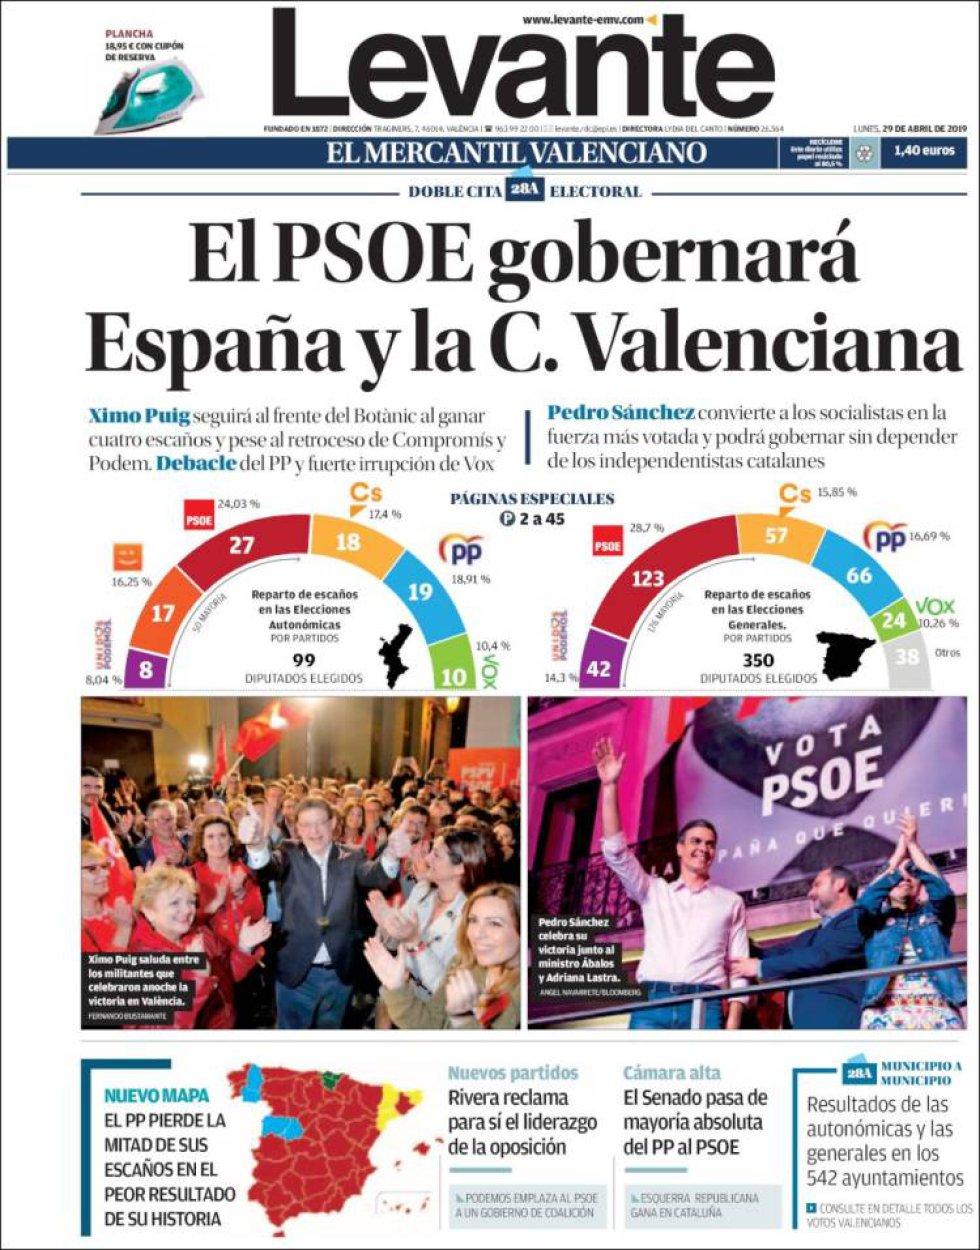 Portada del periódico 'El Levante' tras la celebración de las elecciones autonómicas en la Comunidad Valenciana.